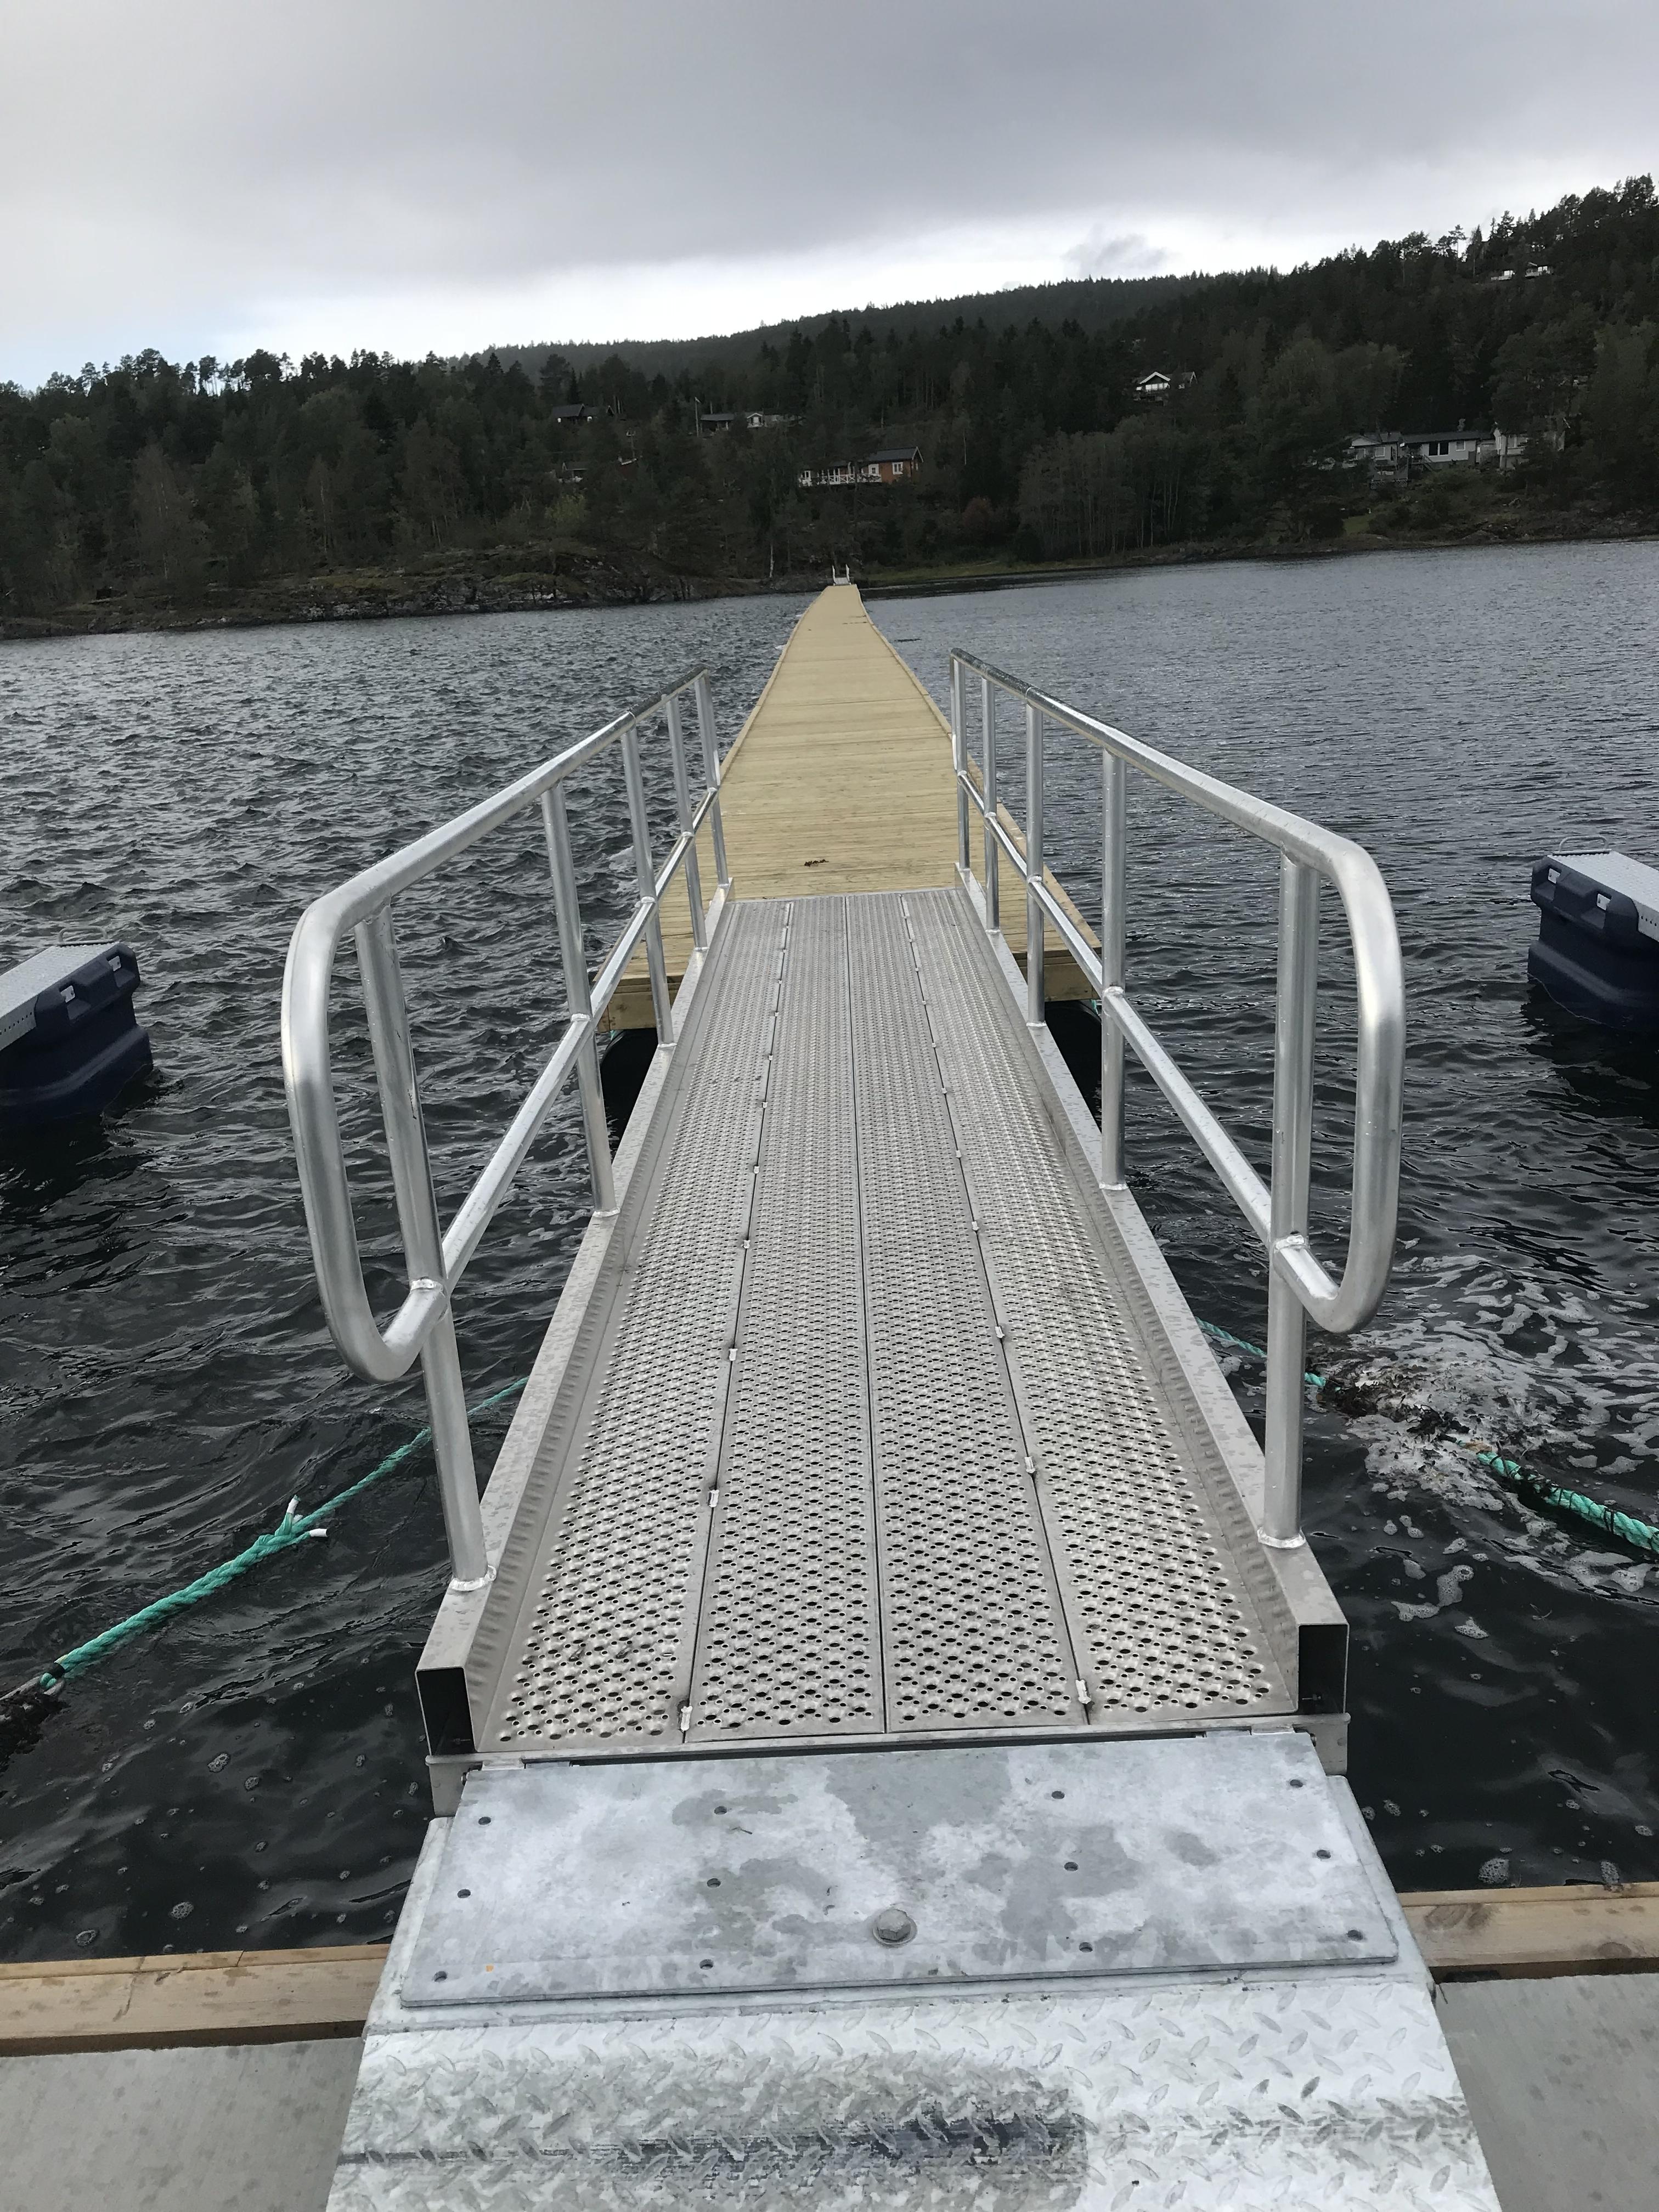 https://marinasolutions.no/uploads/Saltbuvik-Båtforening-Marina-Solutions-2018-27.jpg